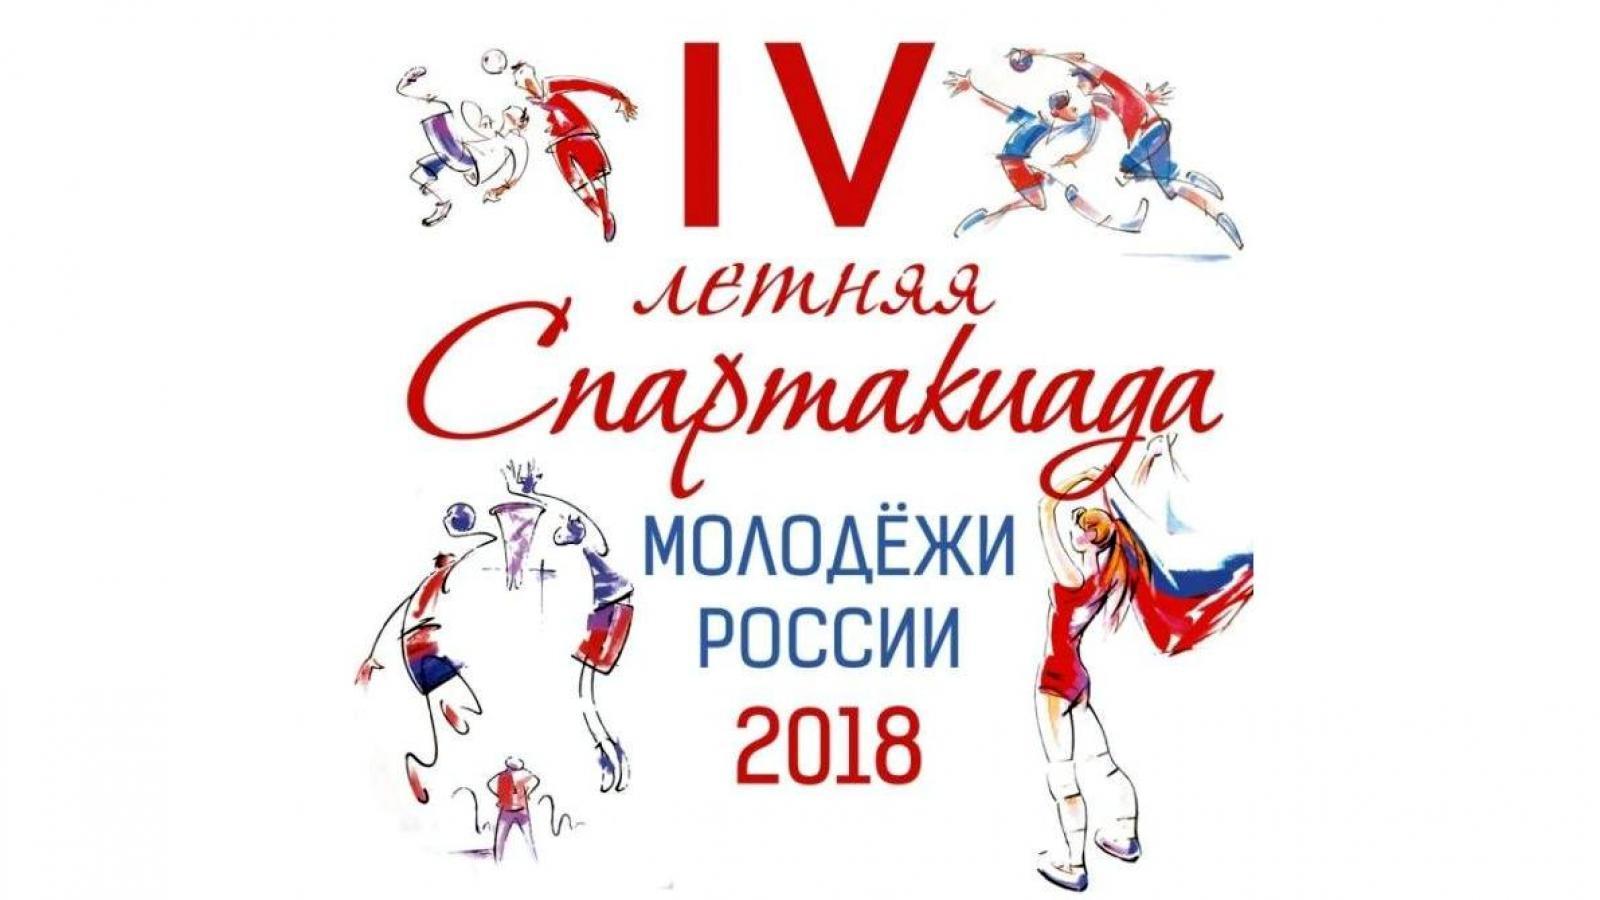 Вологодские спортсмены показали отличные результаты на Спартакиаде молодежи